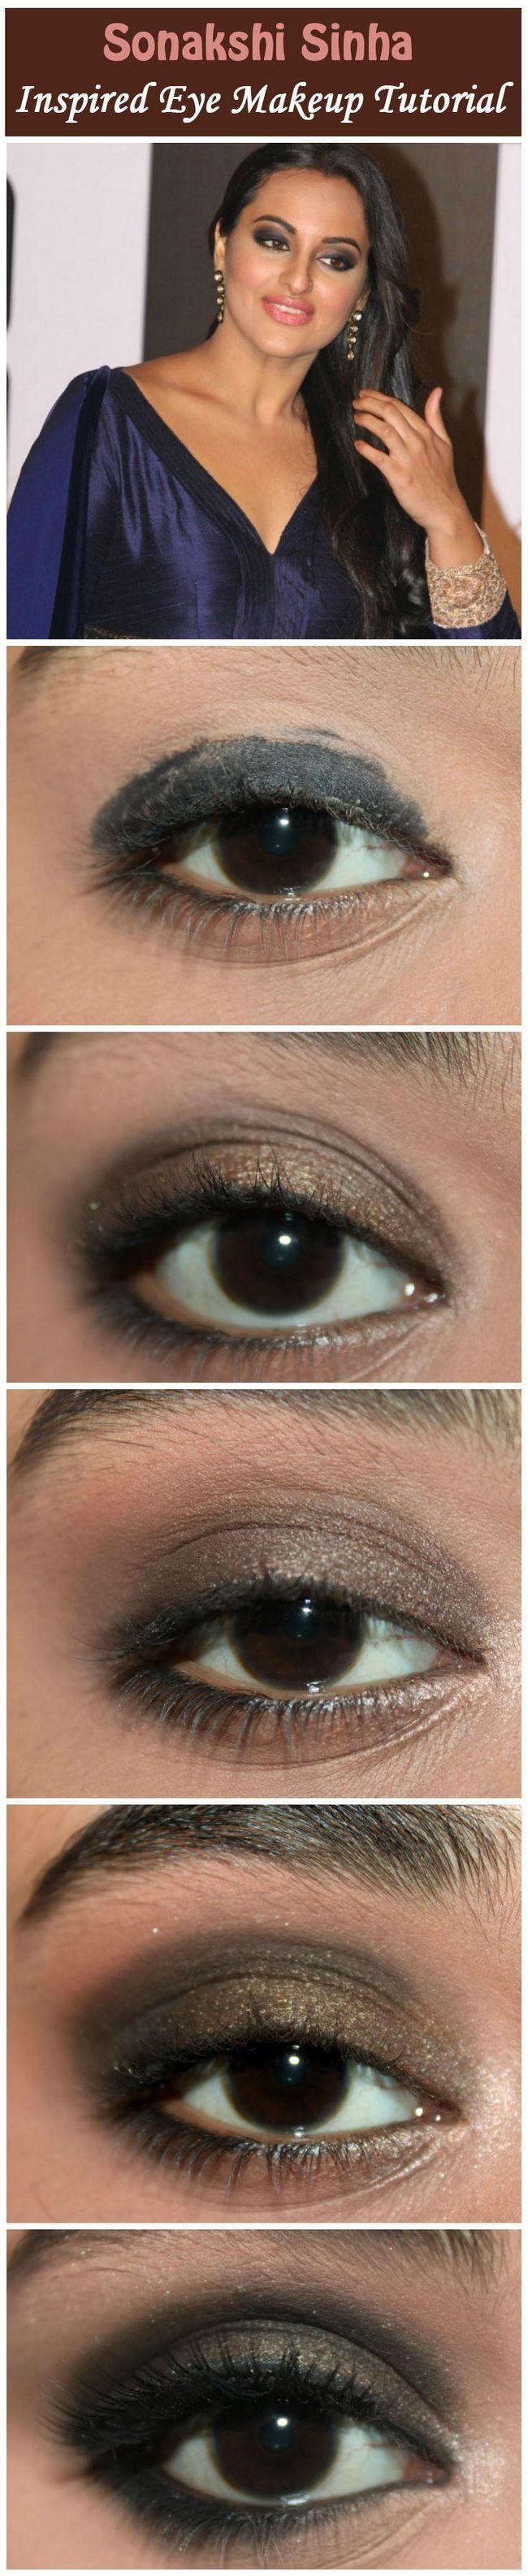 Sonakshi sinha inspiriert Augen Make-up - Tutorial mit detaillierten Schritte und Bilder